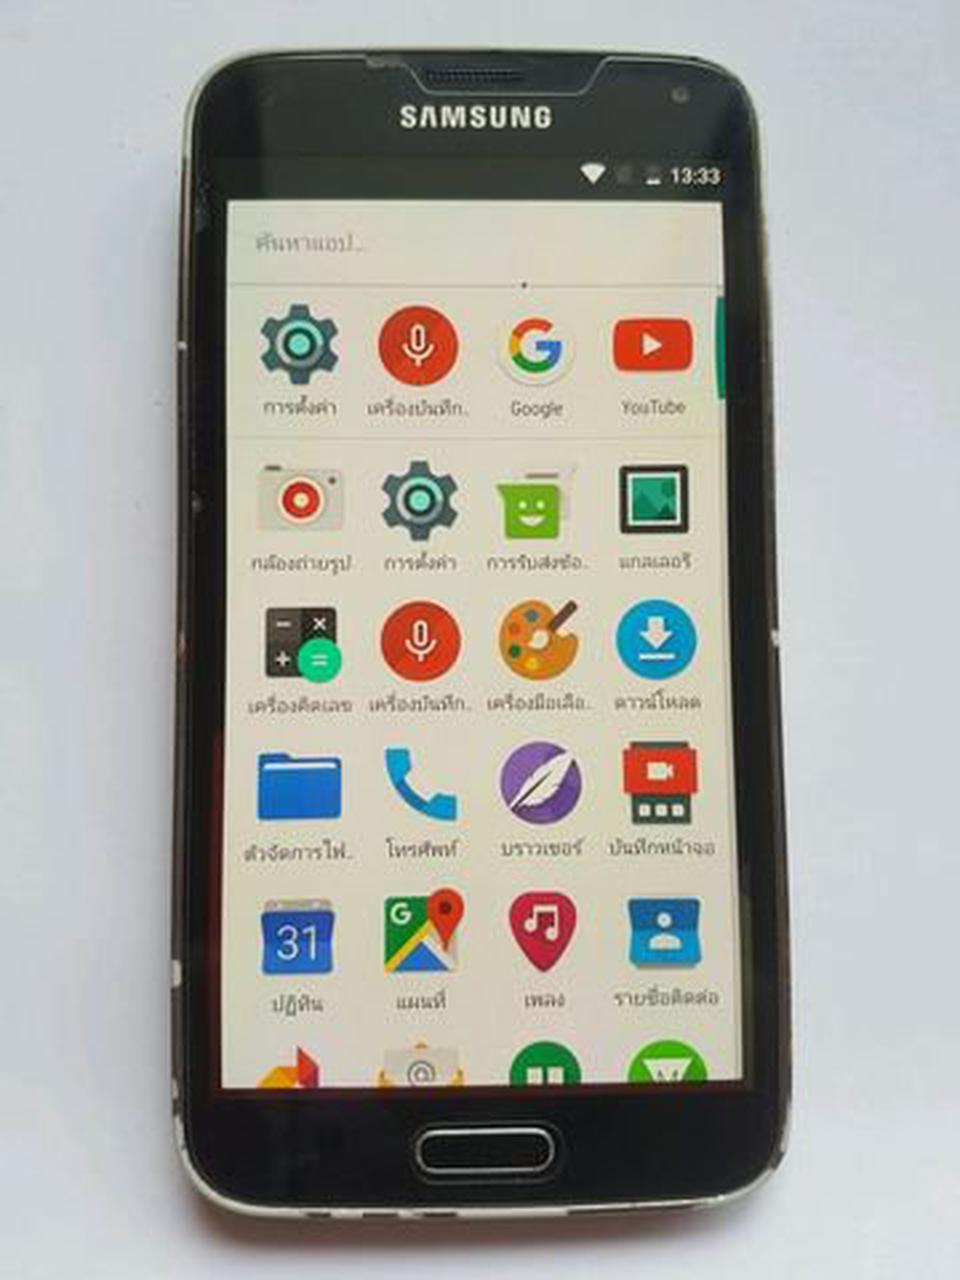 ซัมซุง S5 สีดำ ใช้งานได้ปกติทุกอย่างคะ รูปที่ 1